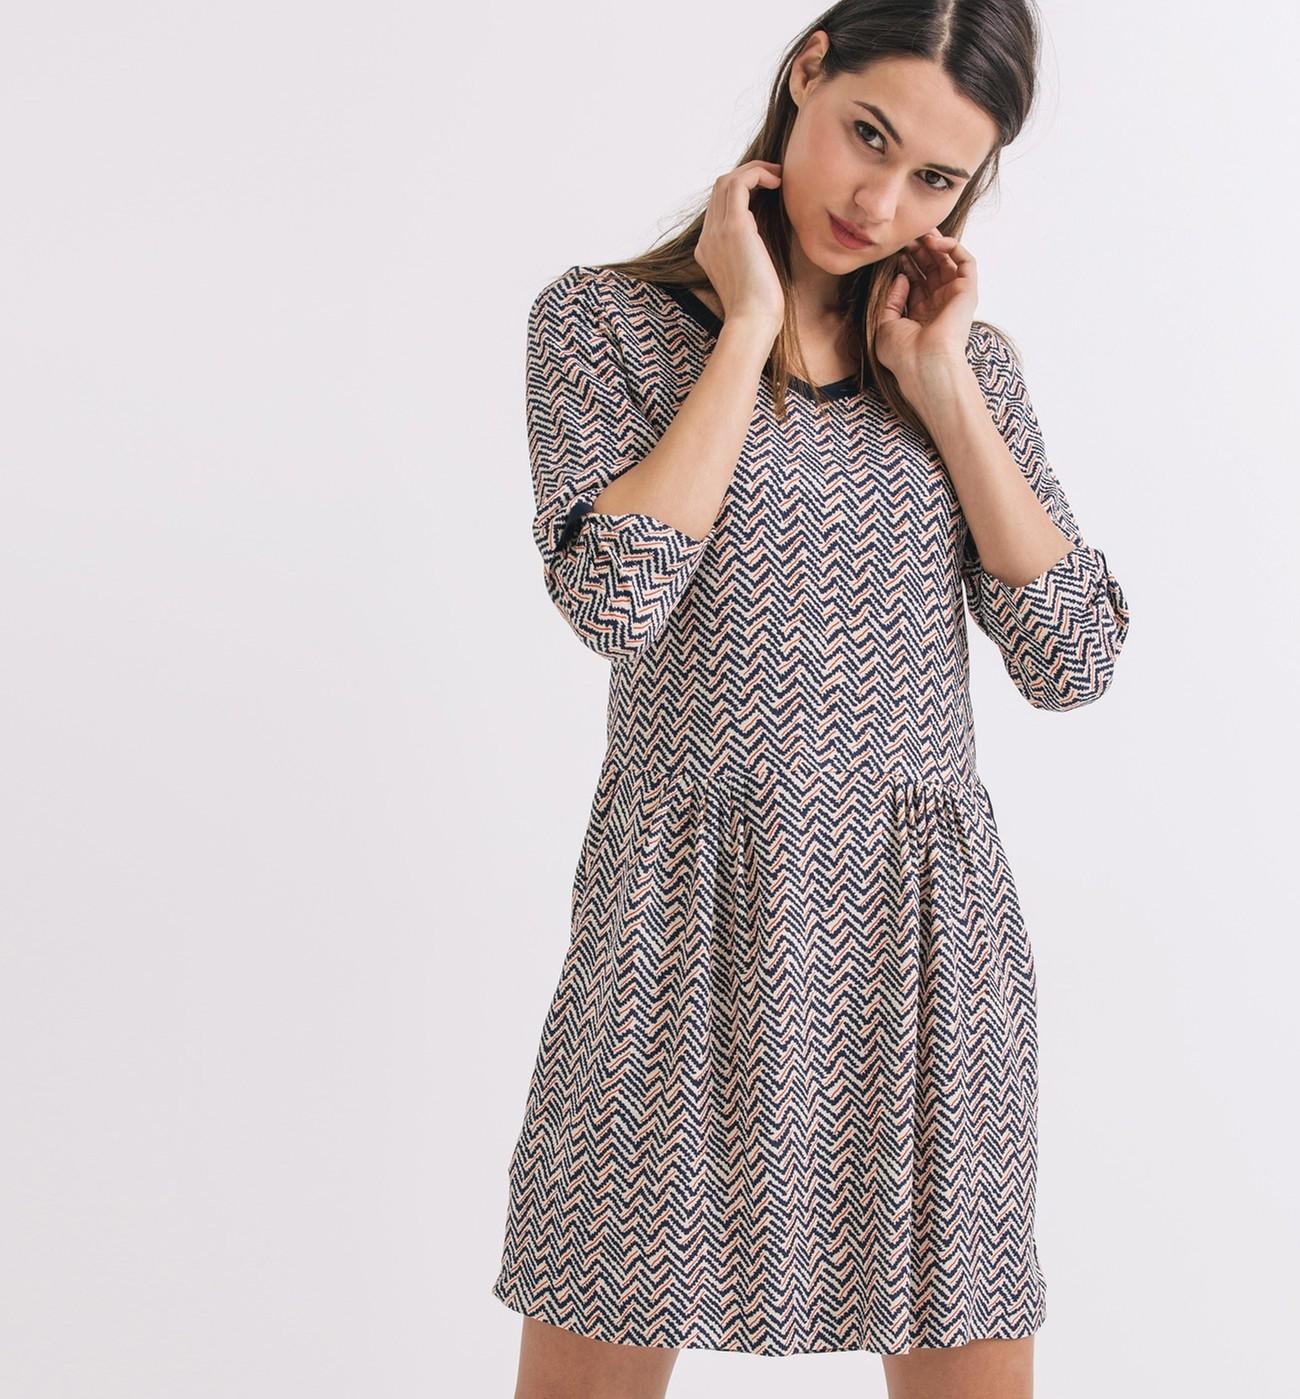 bba0efd1dcf1e A shopper sur   www.promod.fr. Robe imprimée crêpée – Imprimé multicolore –  Robes – Femme ...